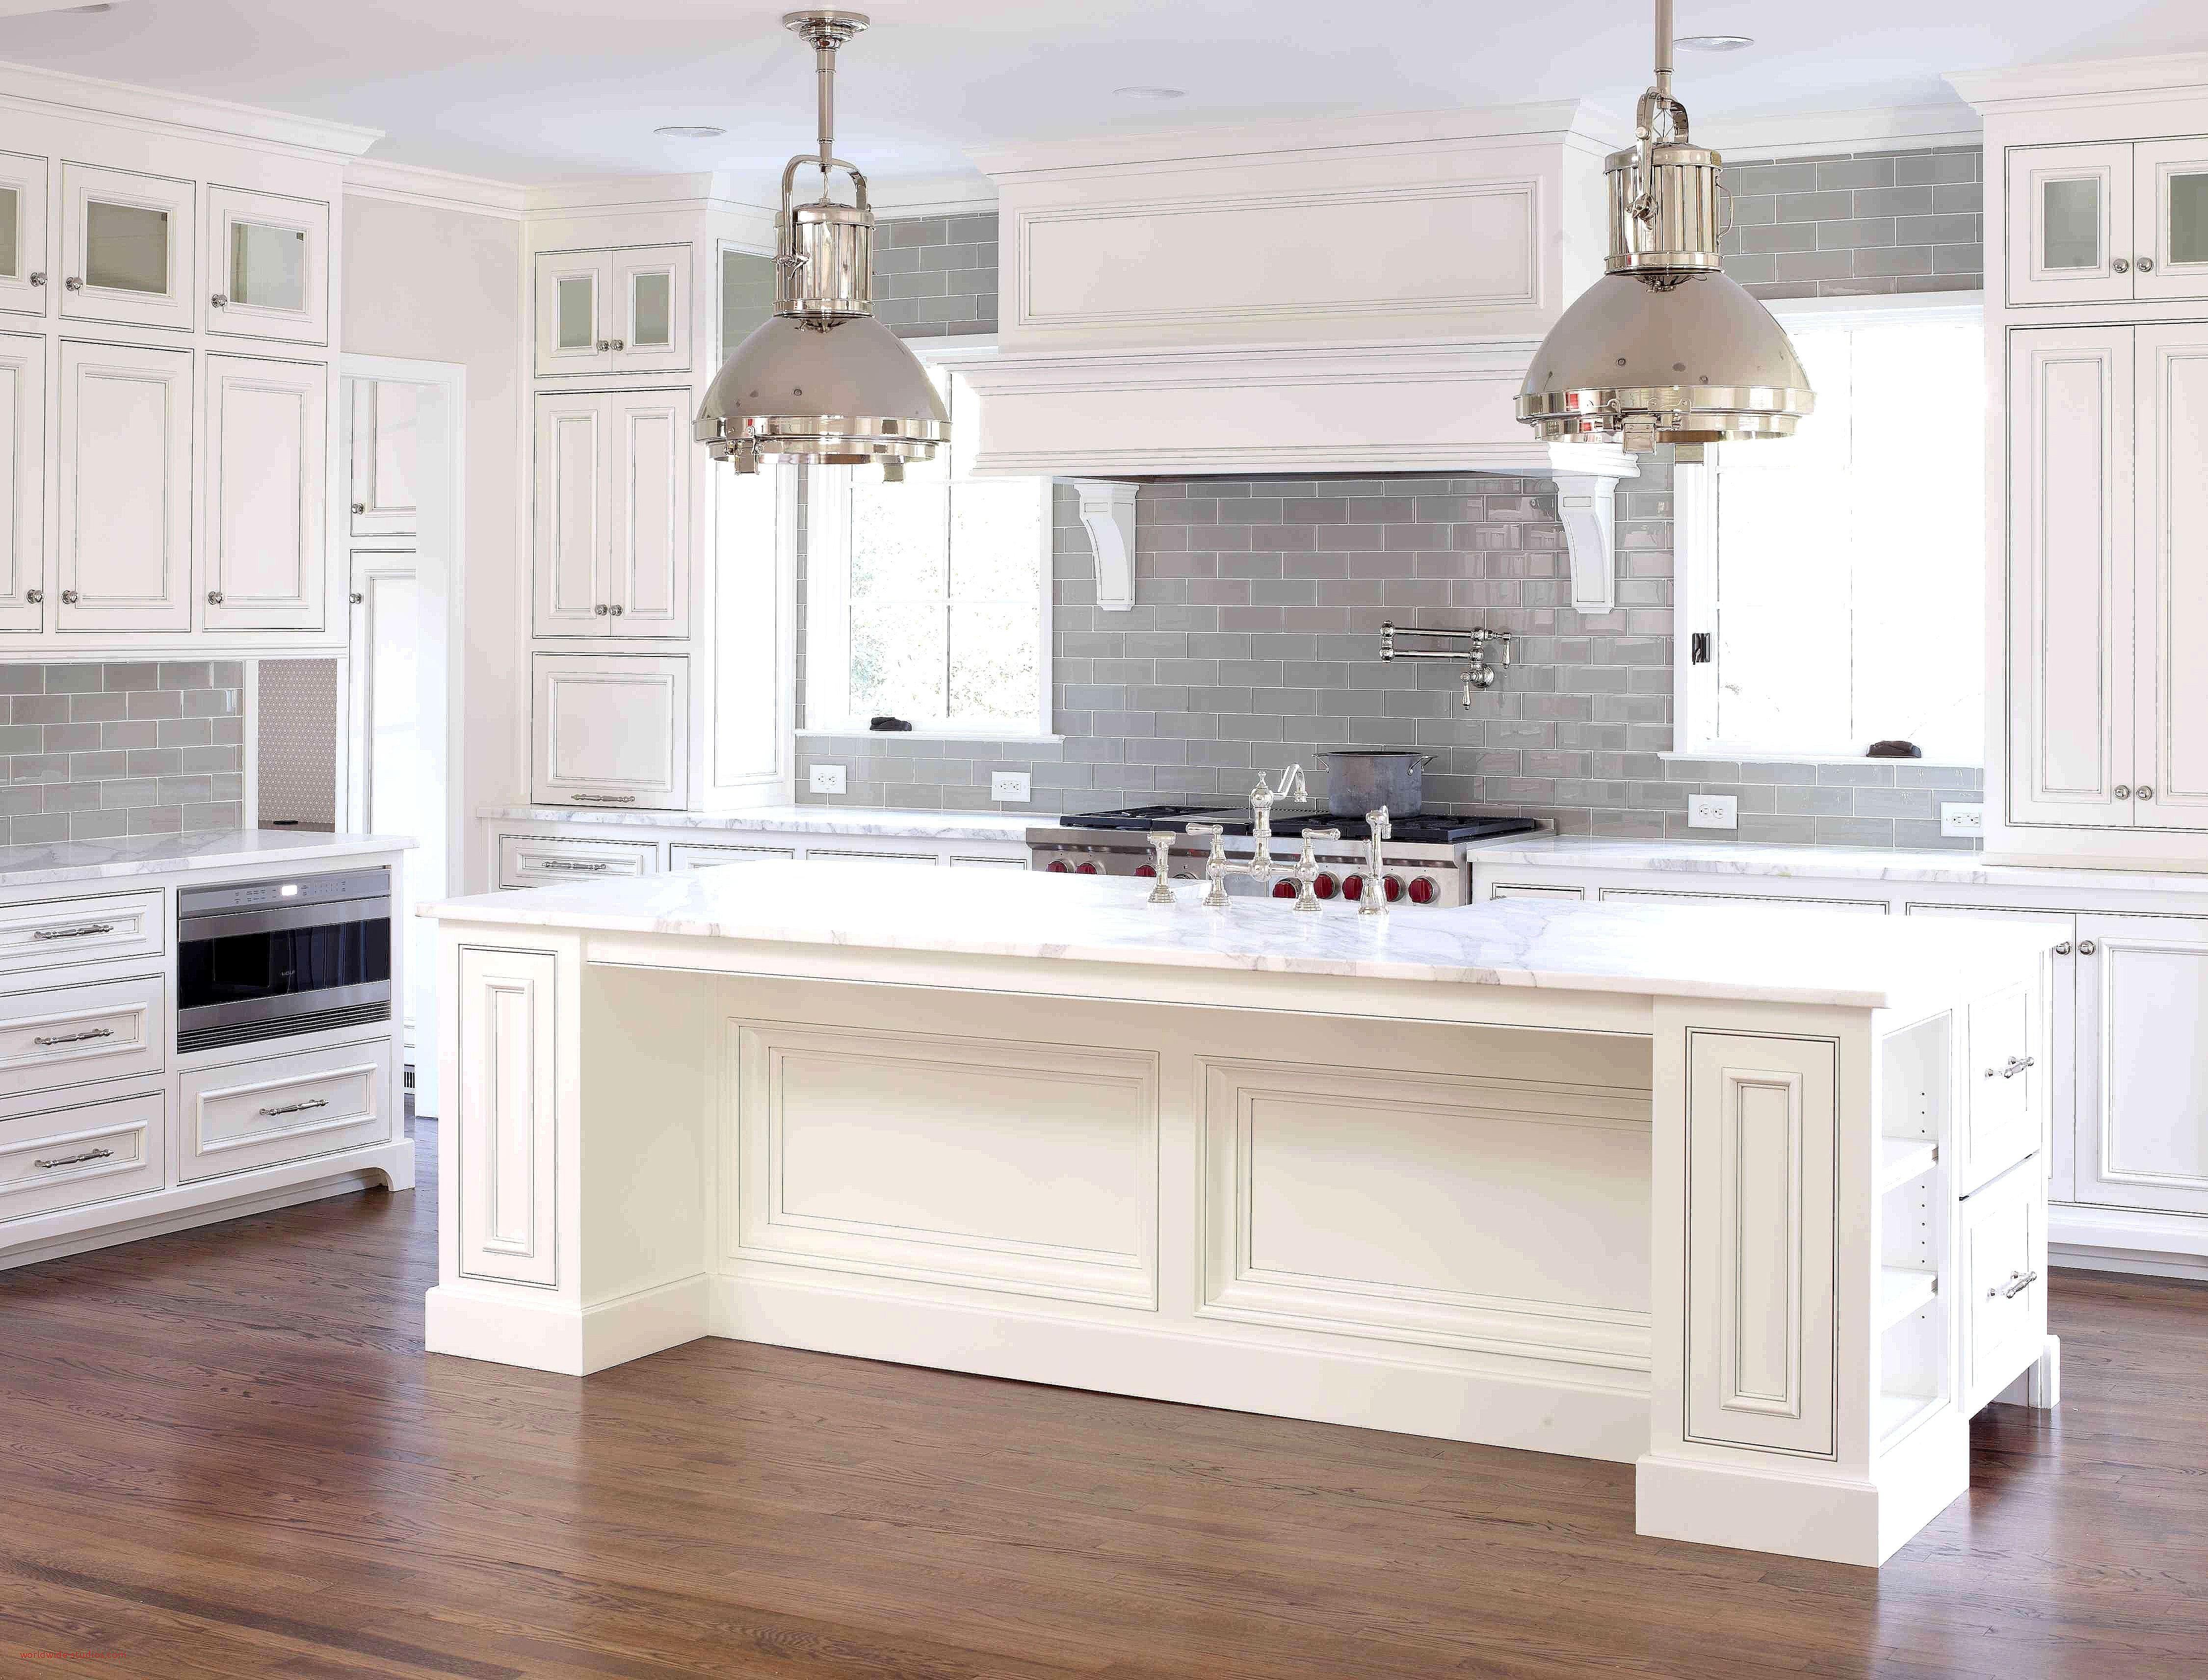 Fresh Unique Inexpensive Kitchen Backsplash Ideas ...